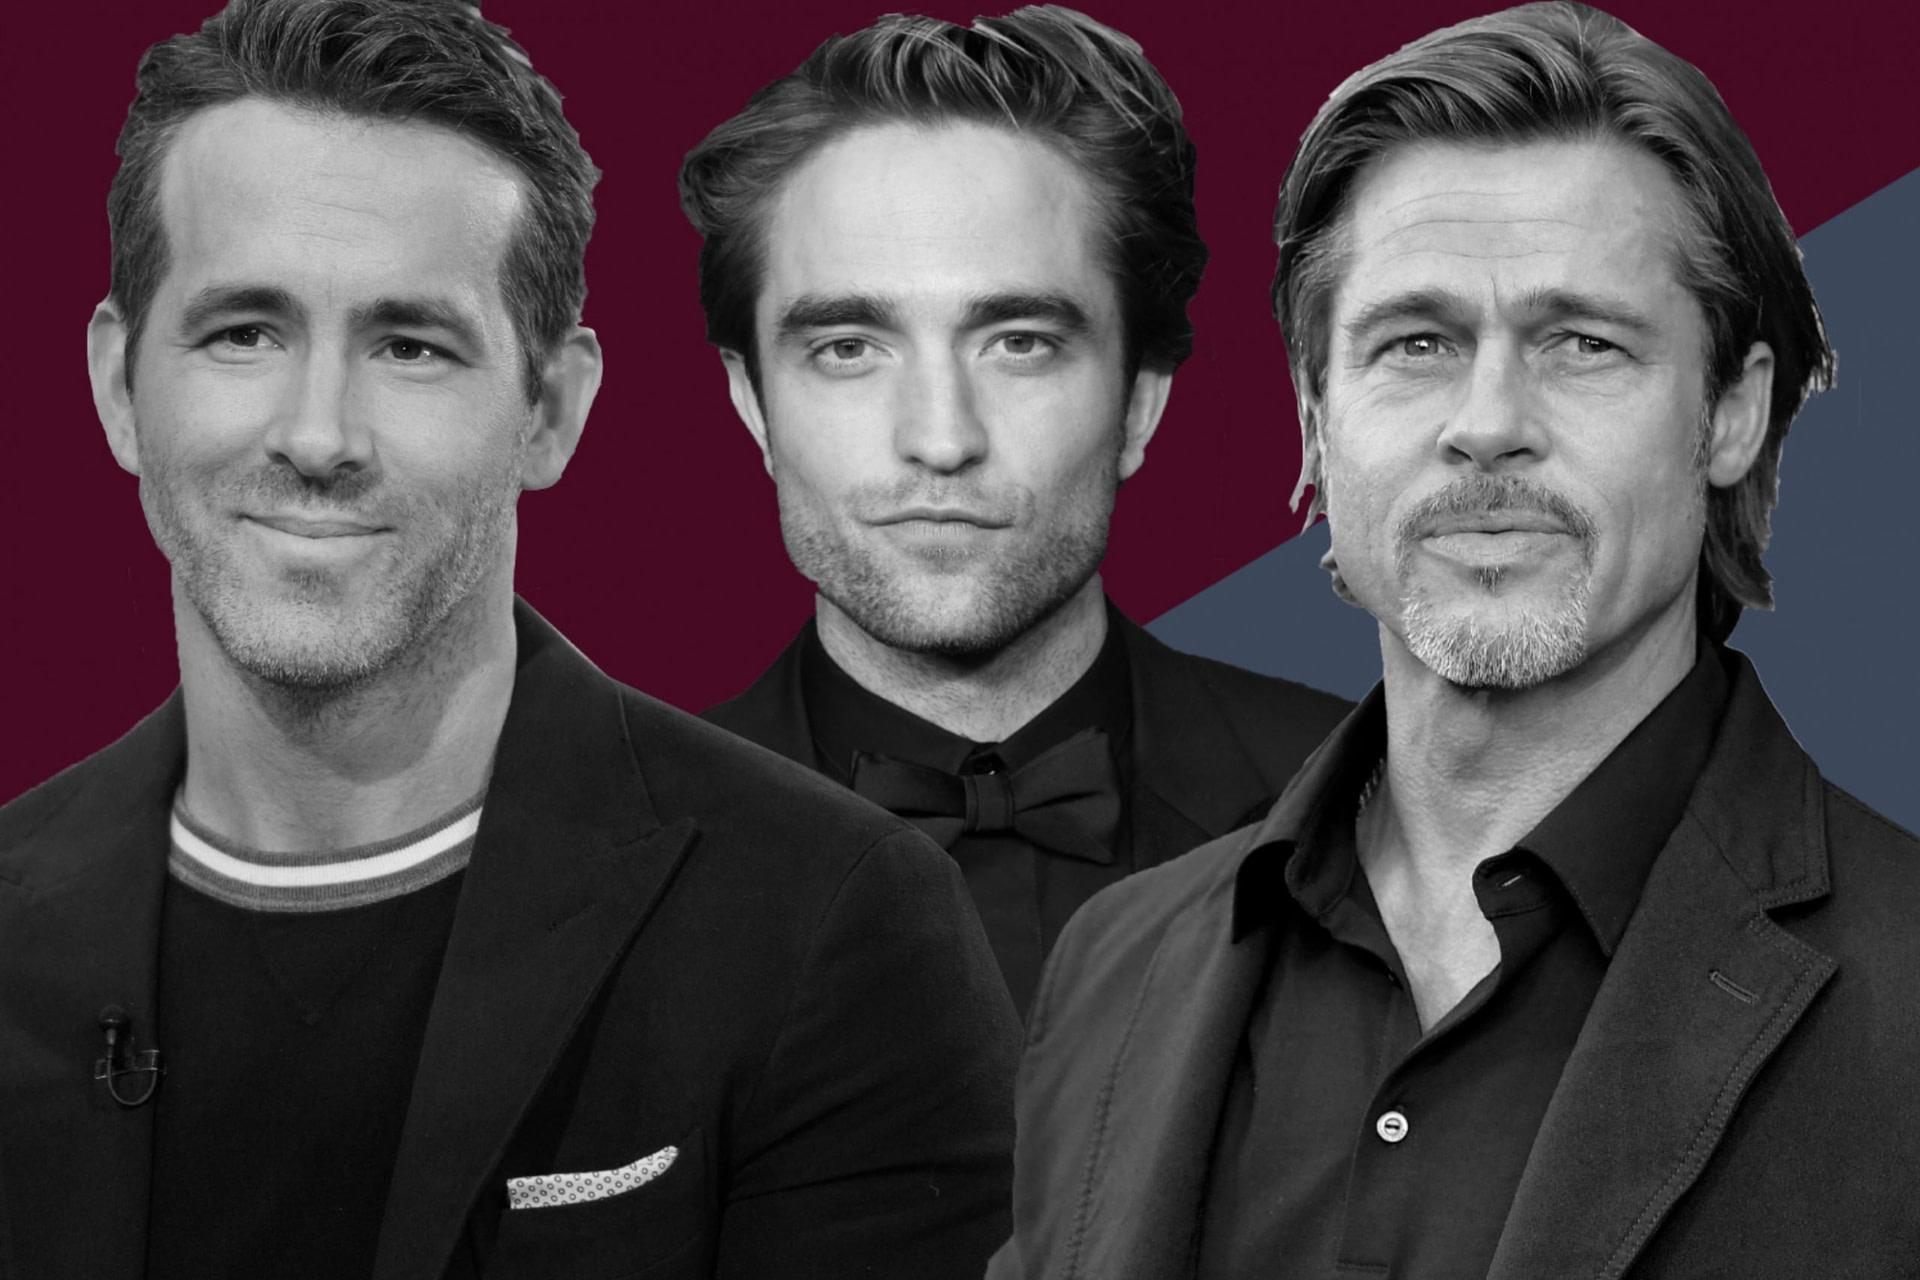 Schönheit Männerfrisuren 17: Die coolsten Frisuren im Überblick  GQ Germany - männer frisuren scheitel kurz